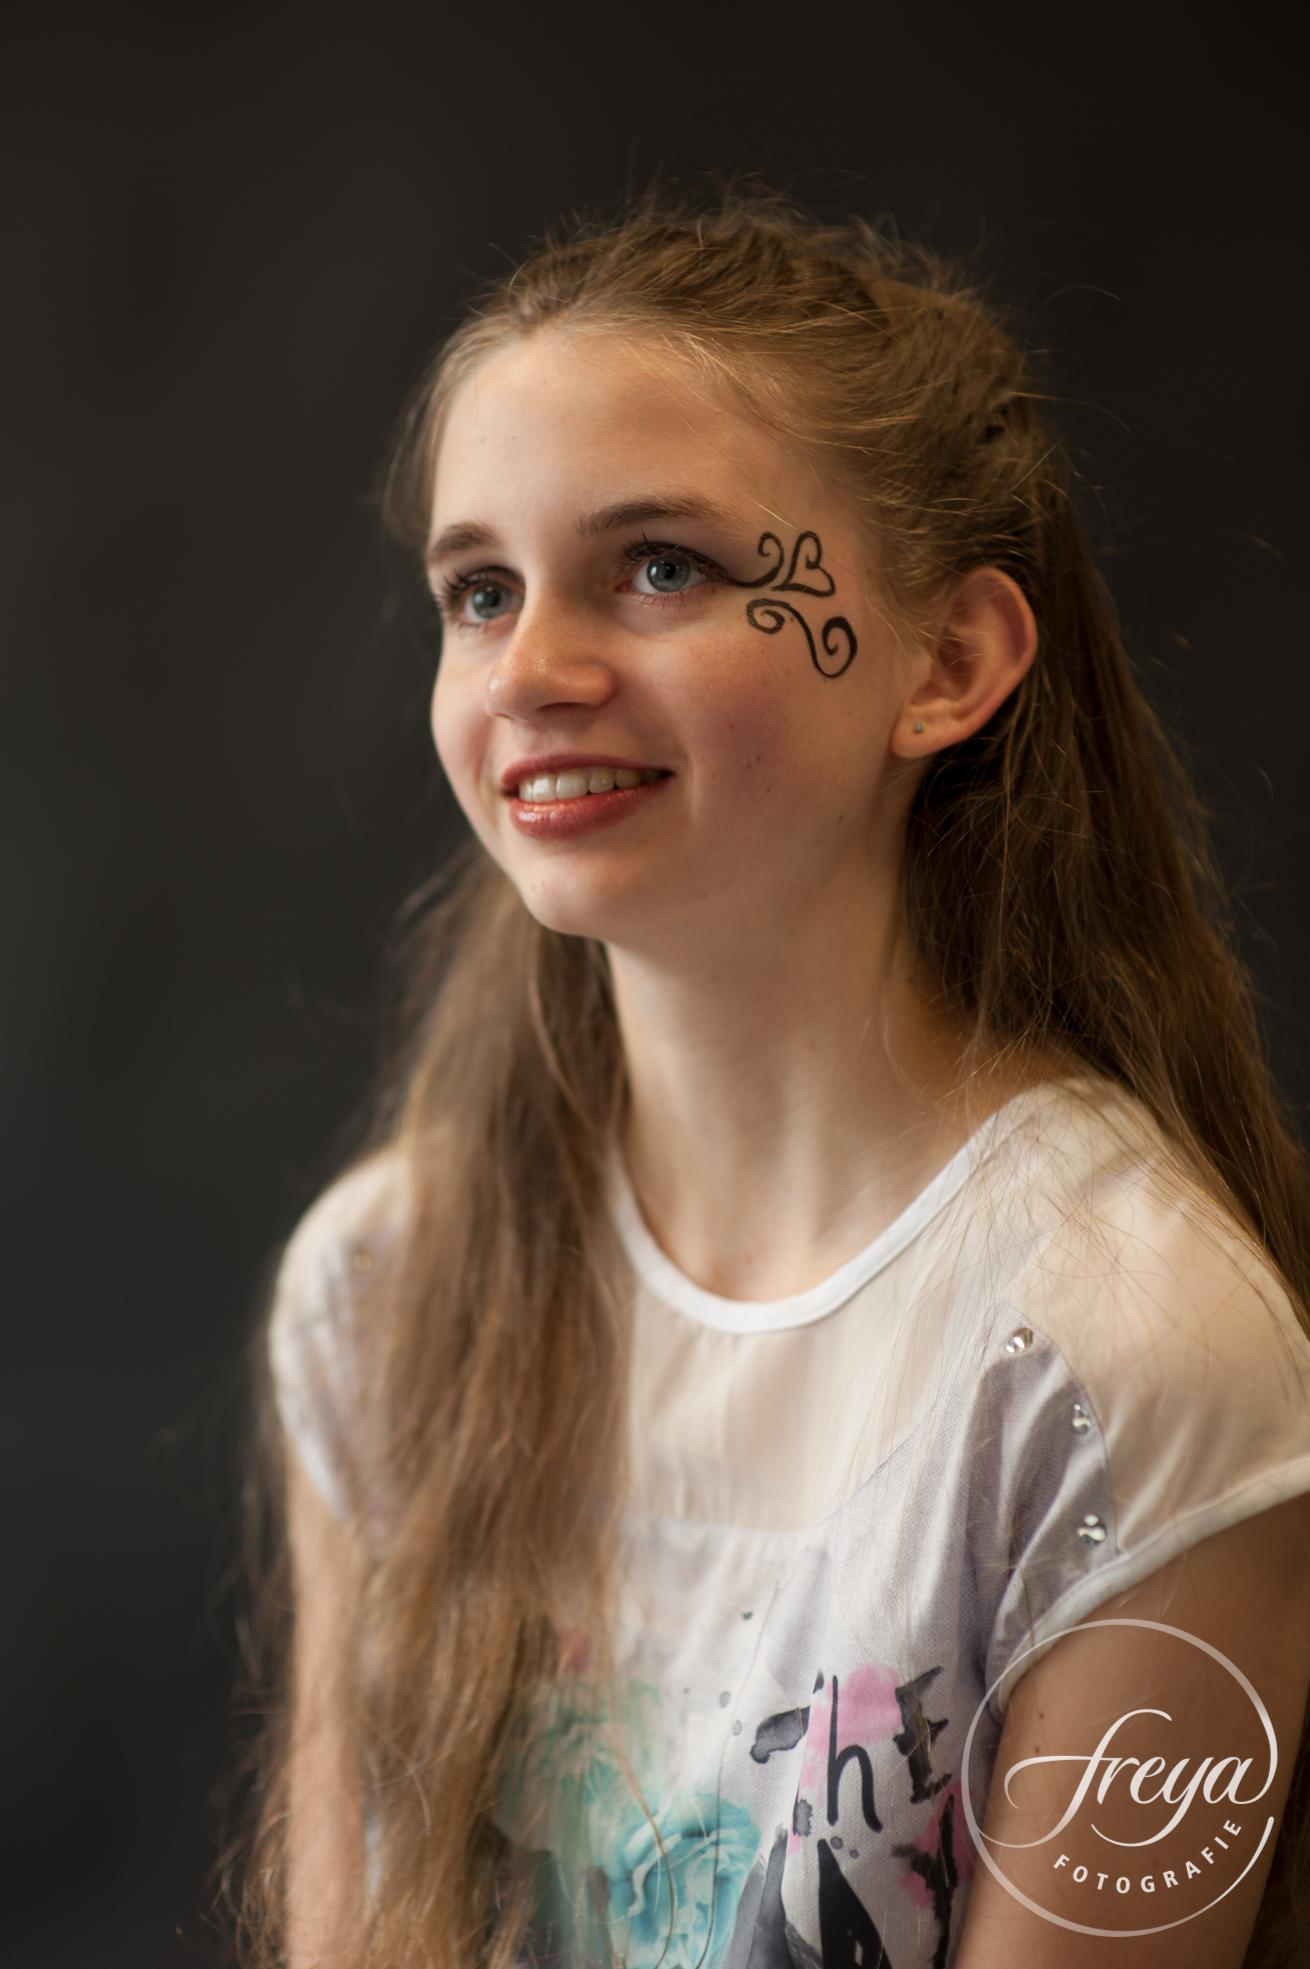 studio portret tiener meisje